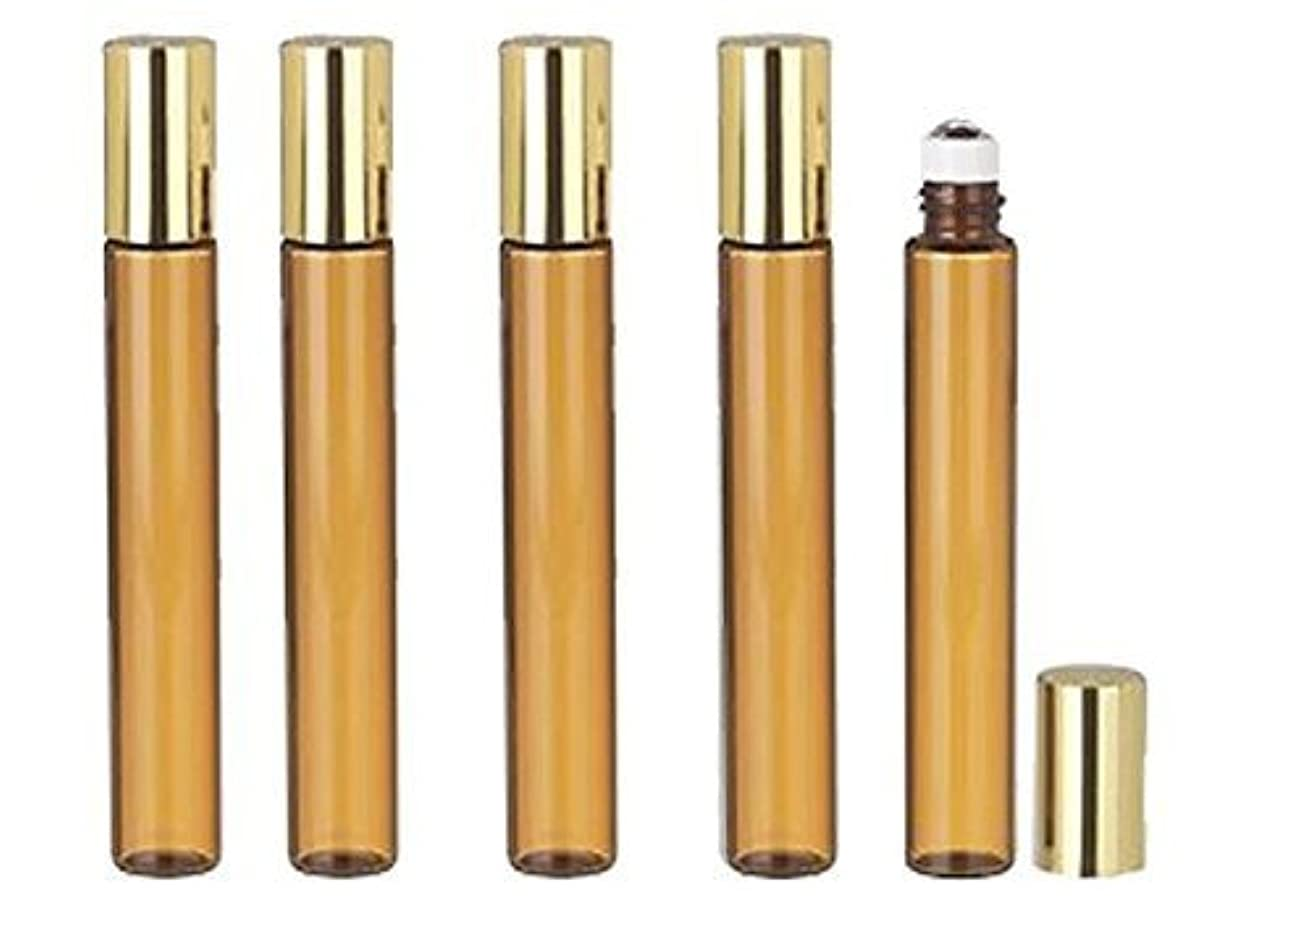 登録軽食補うGrand Parfums 6 Pcs Thin Tall Amber Glass Brown 10ml Roll on Bottle with Gold Metallic Caps for Essential Oil...